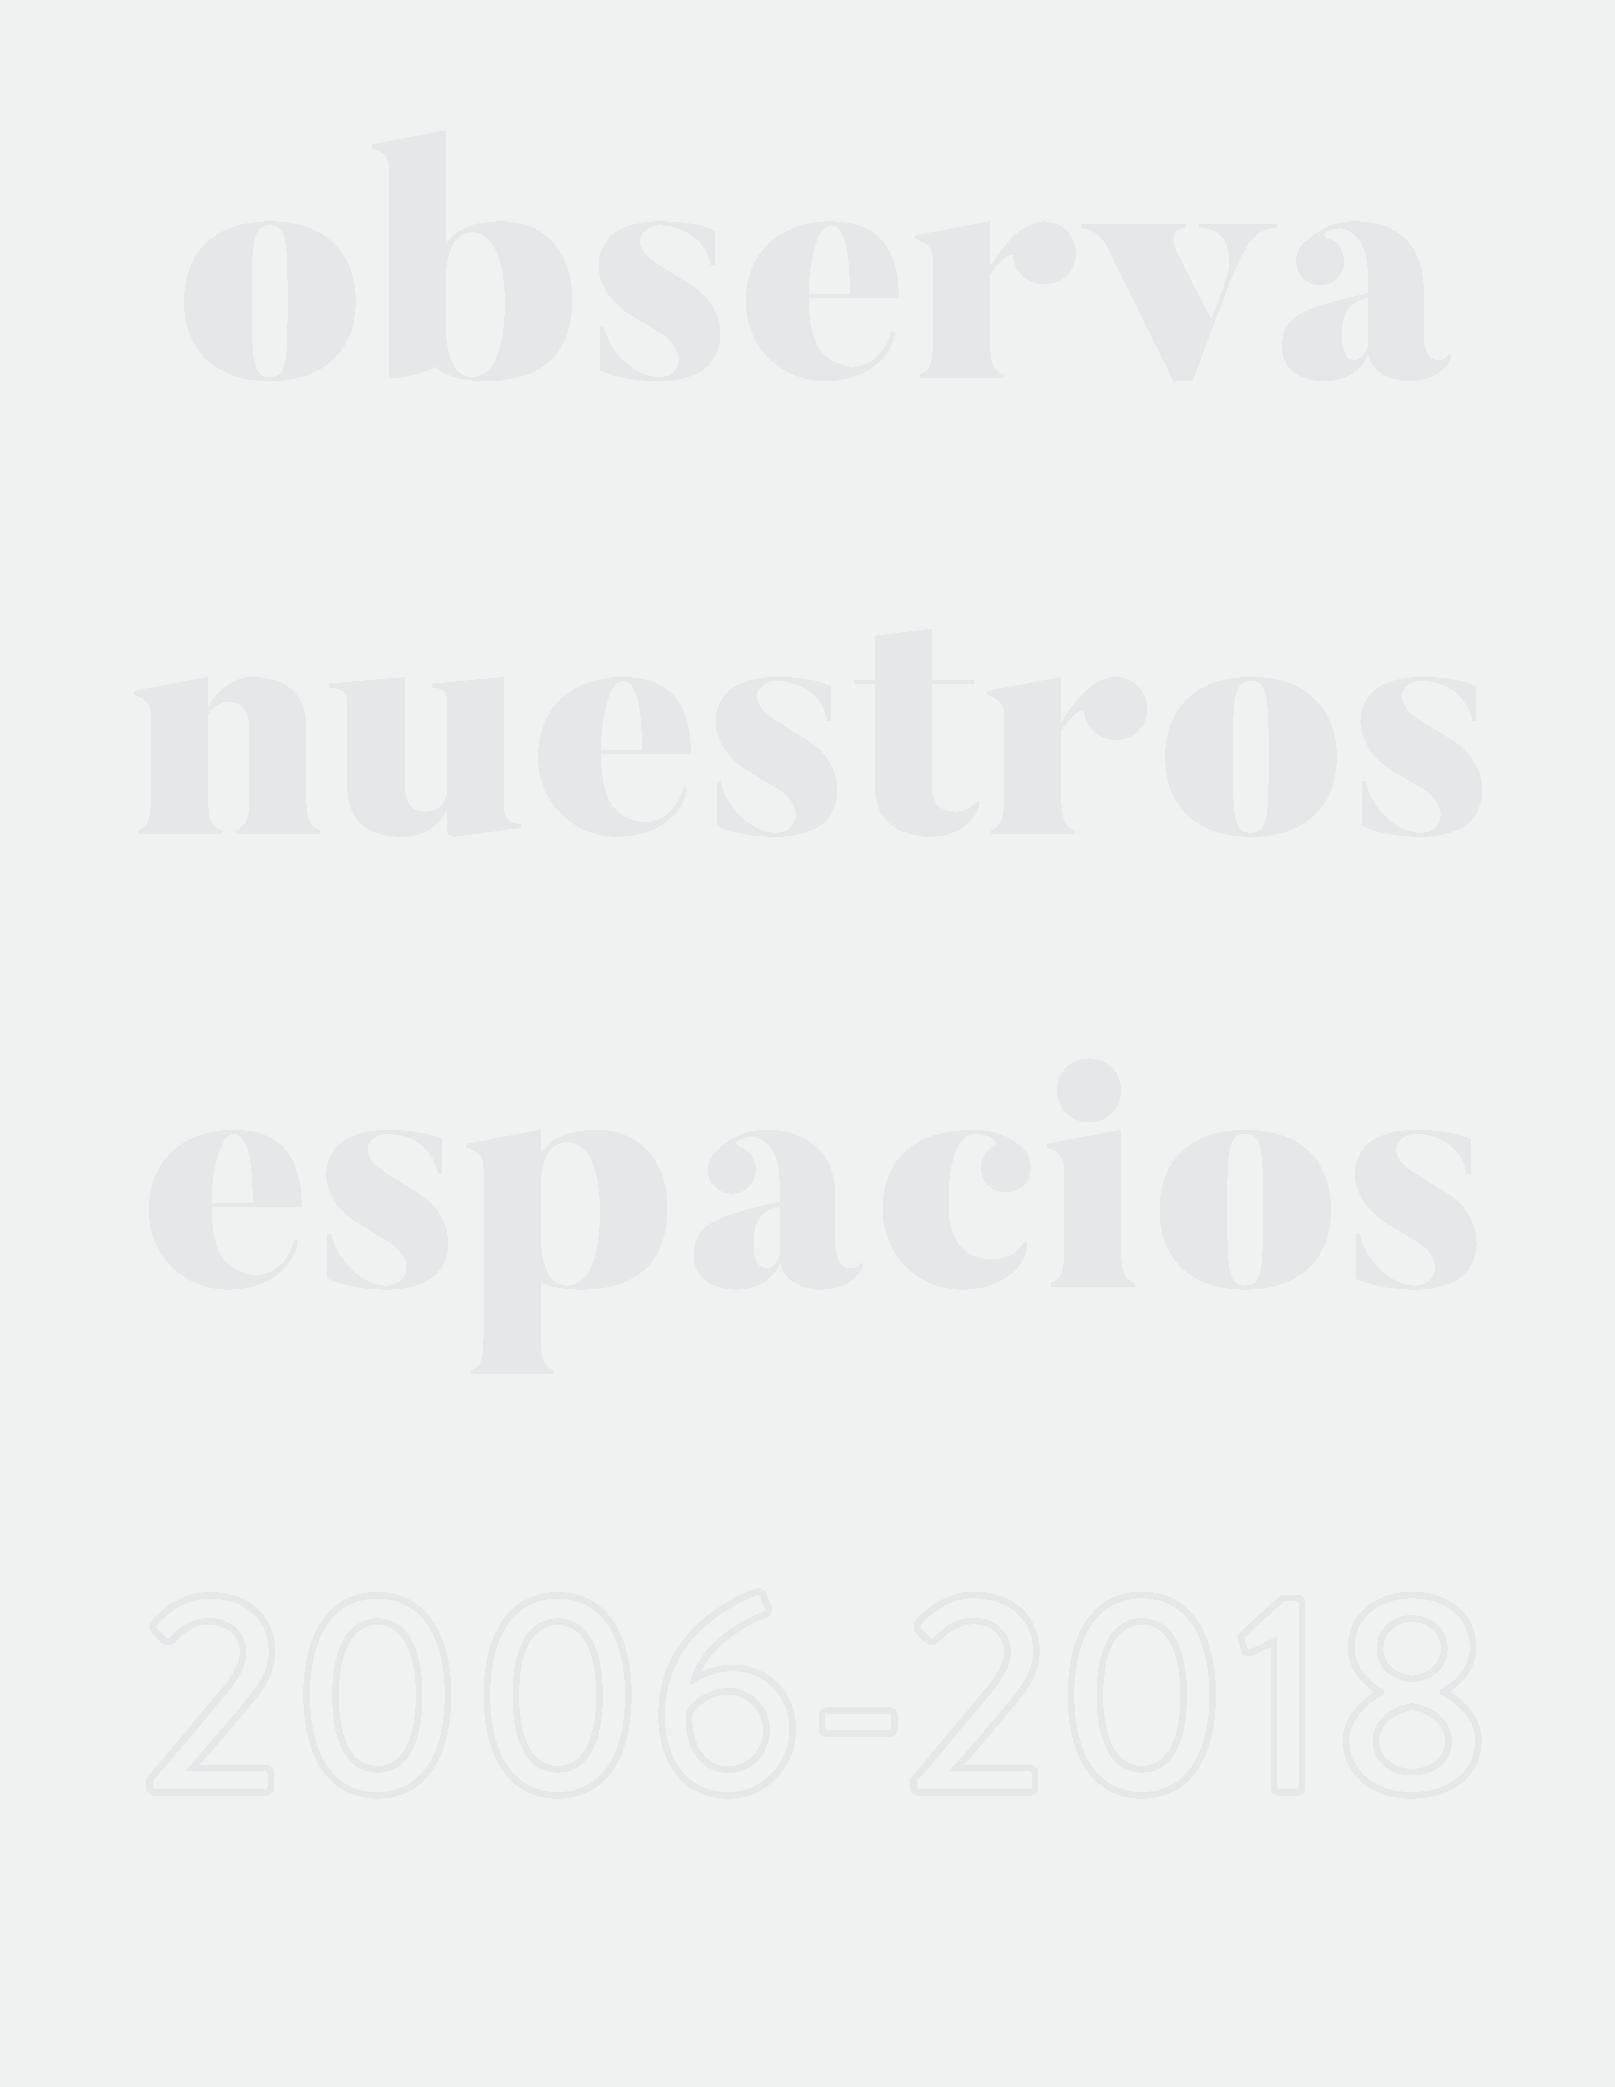 20180323_DRRP_BOOK_ISSU_Página_001.png